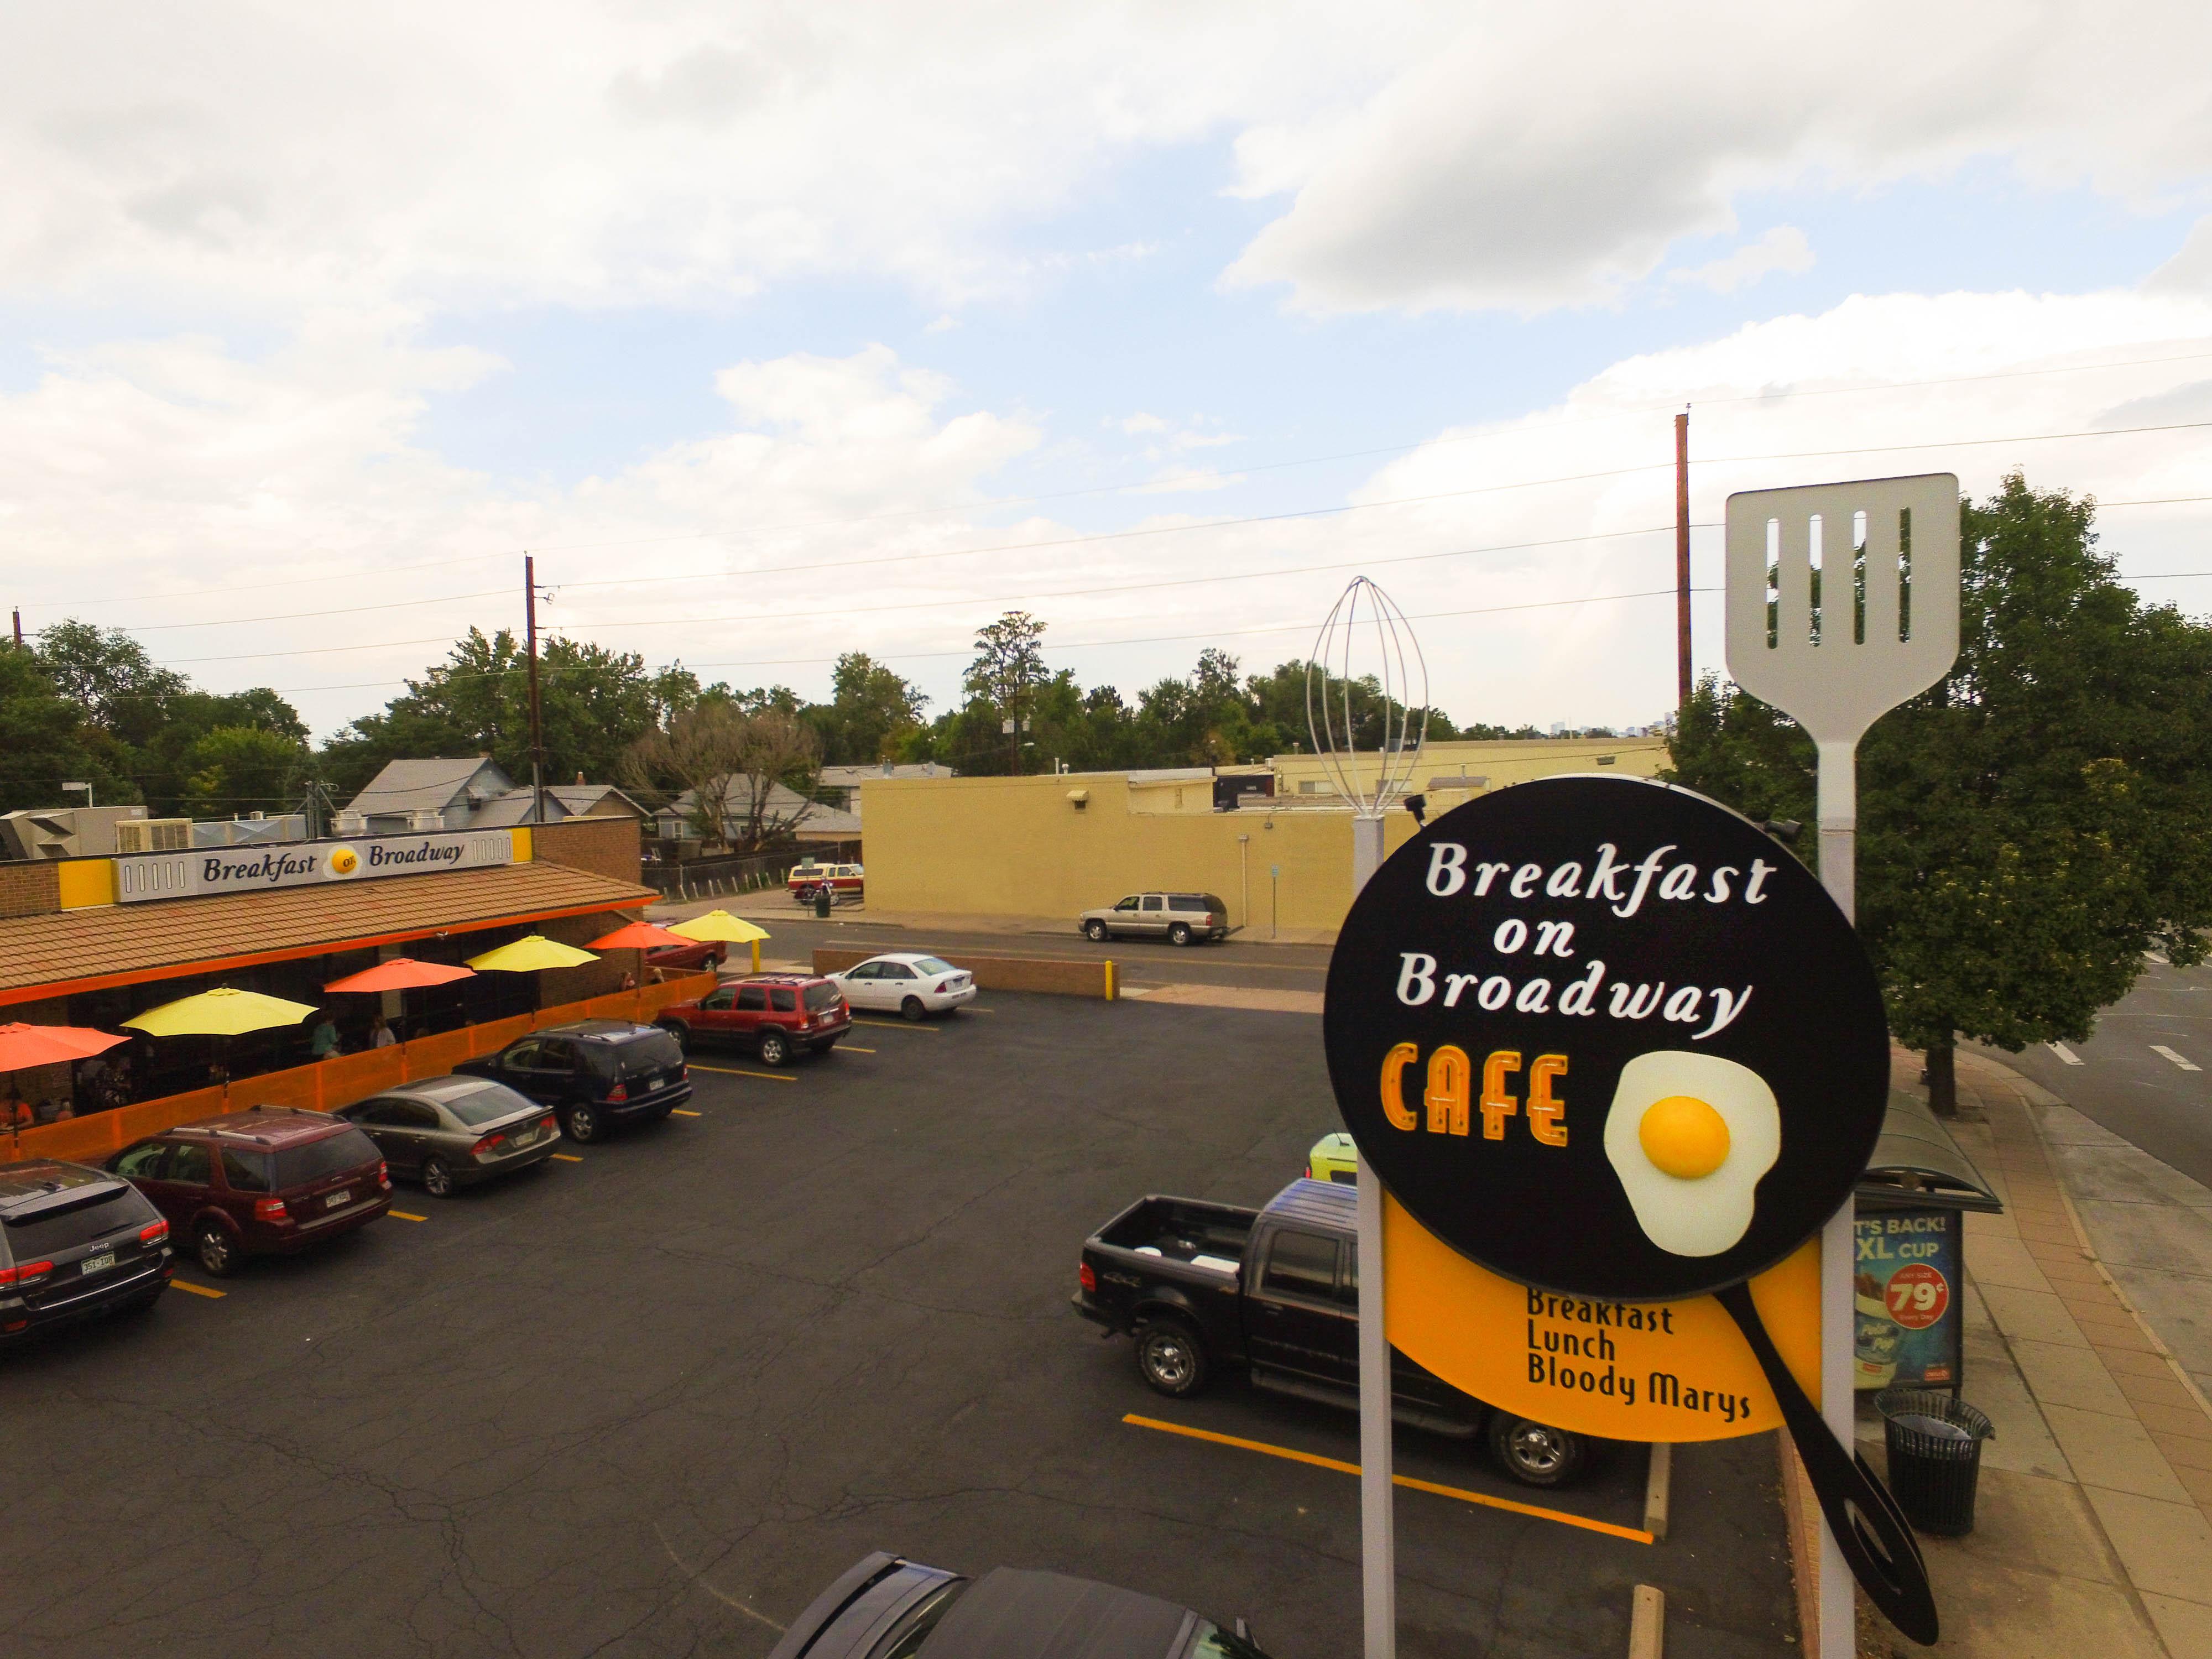 Breakfast on Broadway drone view